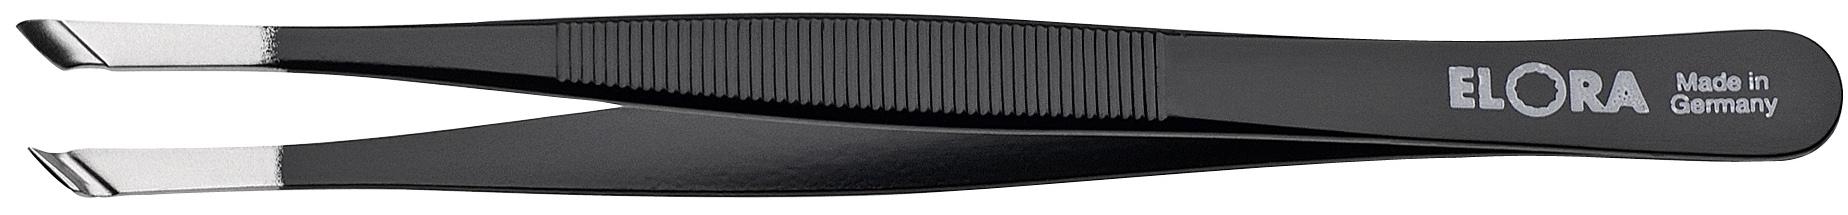 5190-STE nhíp mũi vát chống tĩnh điện